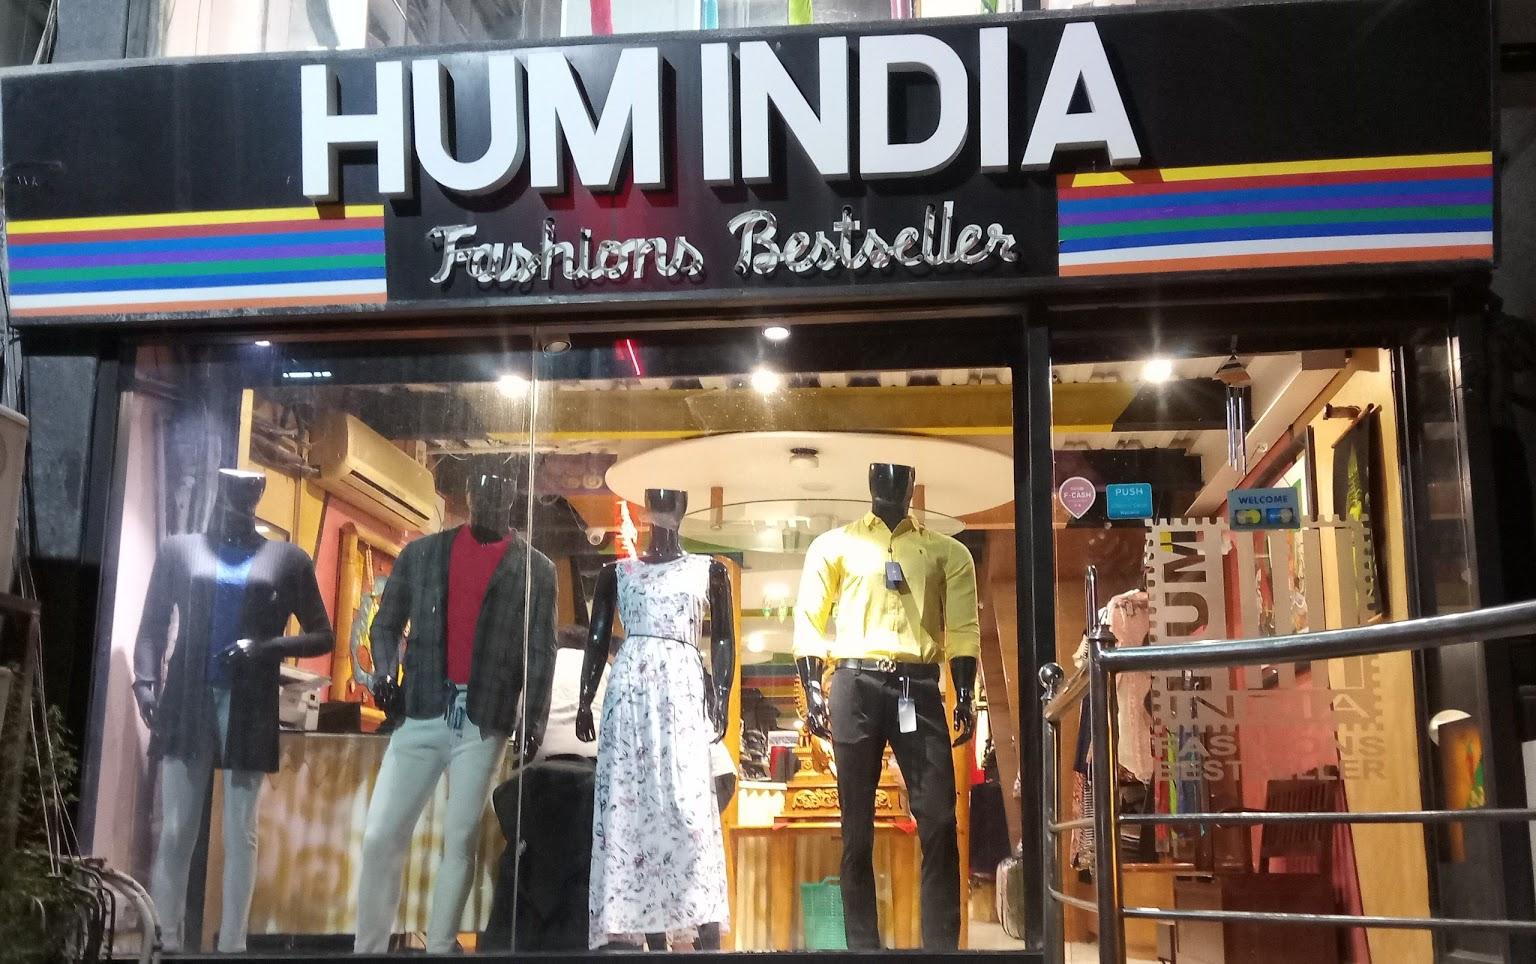 Hum India